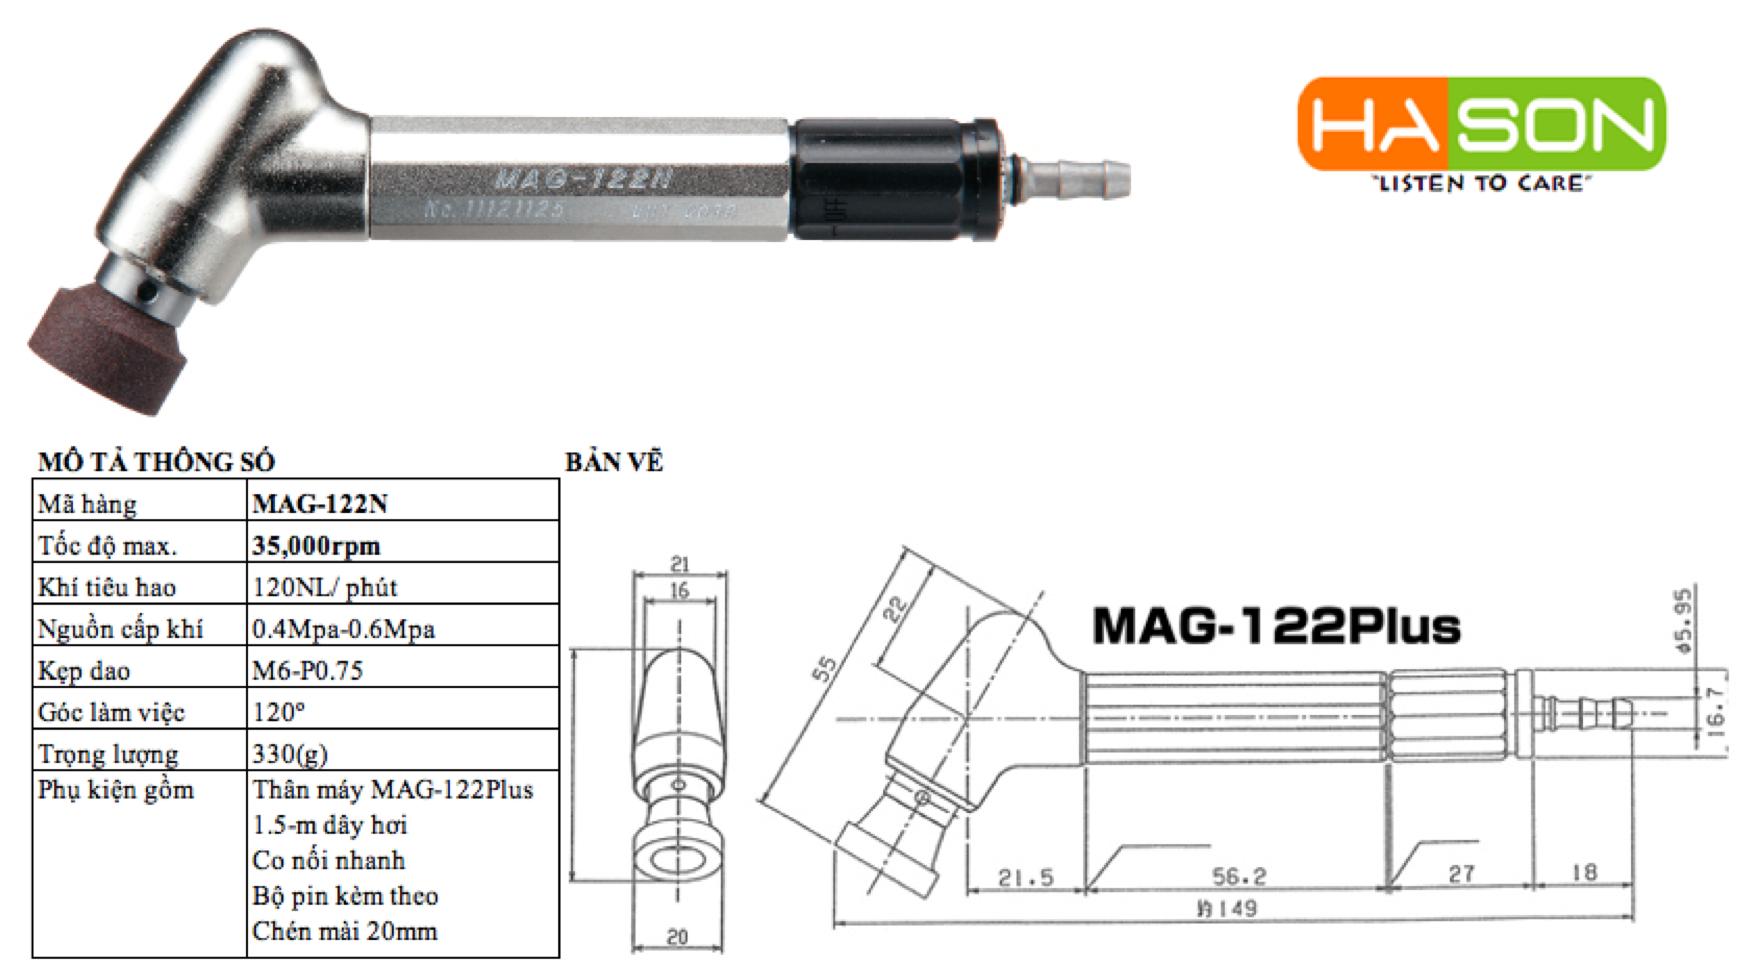 Máy mài góc UHT MAG-122N, Máy mài hơi siêu nhỏ UHT MAG-122N, Air micro grinder UHT MAG-122N, 微型气动工具 MAG-122N